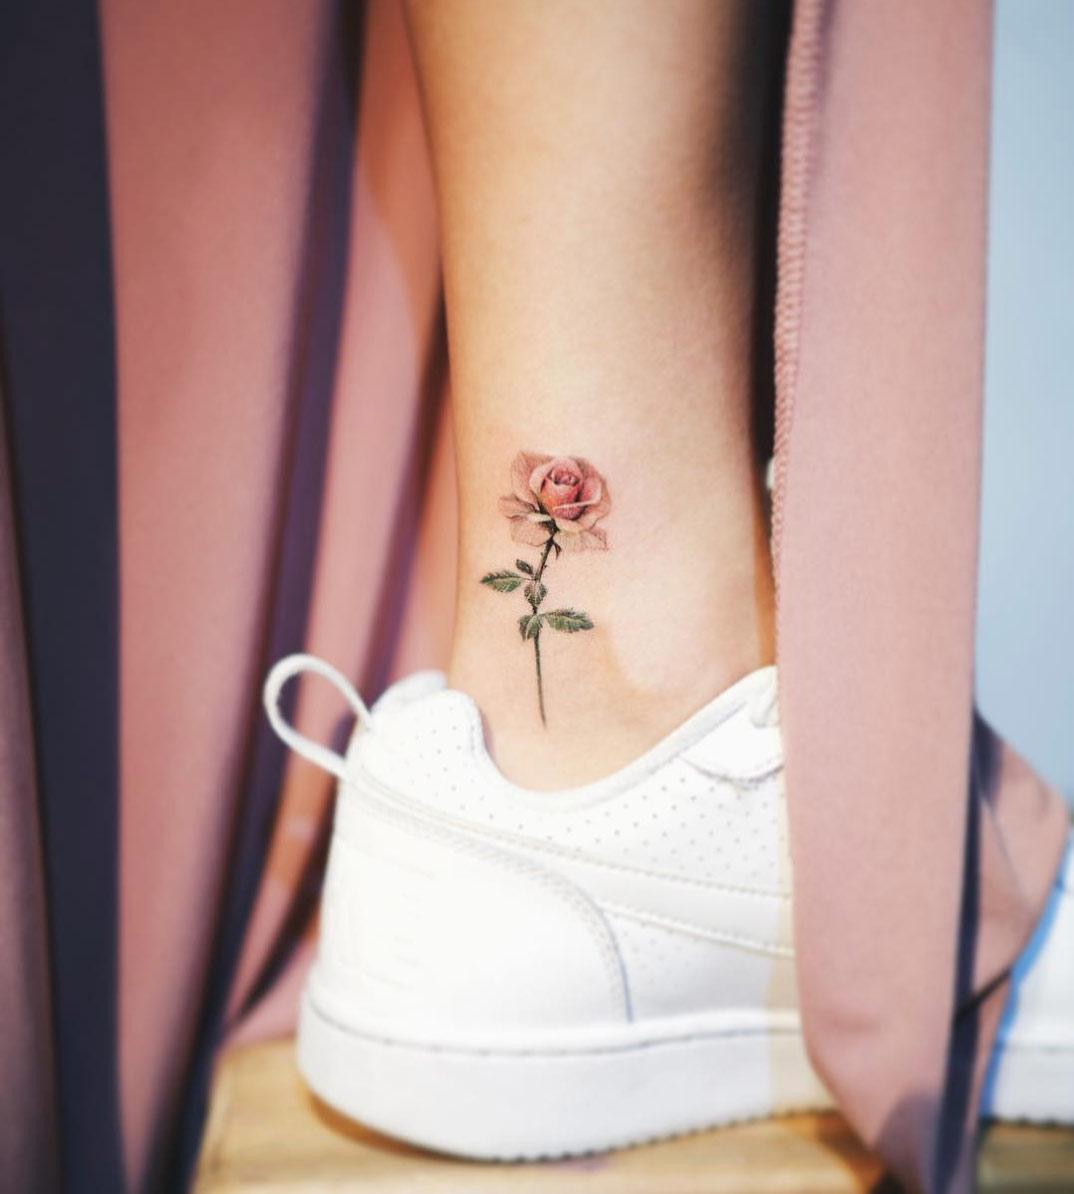 Xăm hình hoa hồng đơn giản nhất ở mắt cá chân